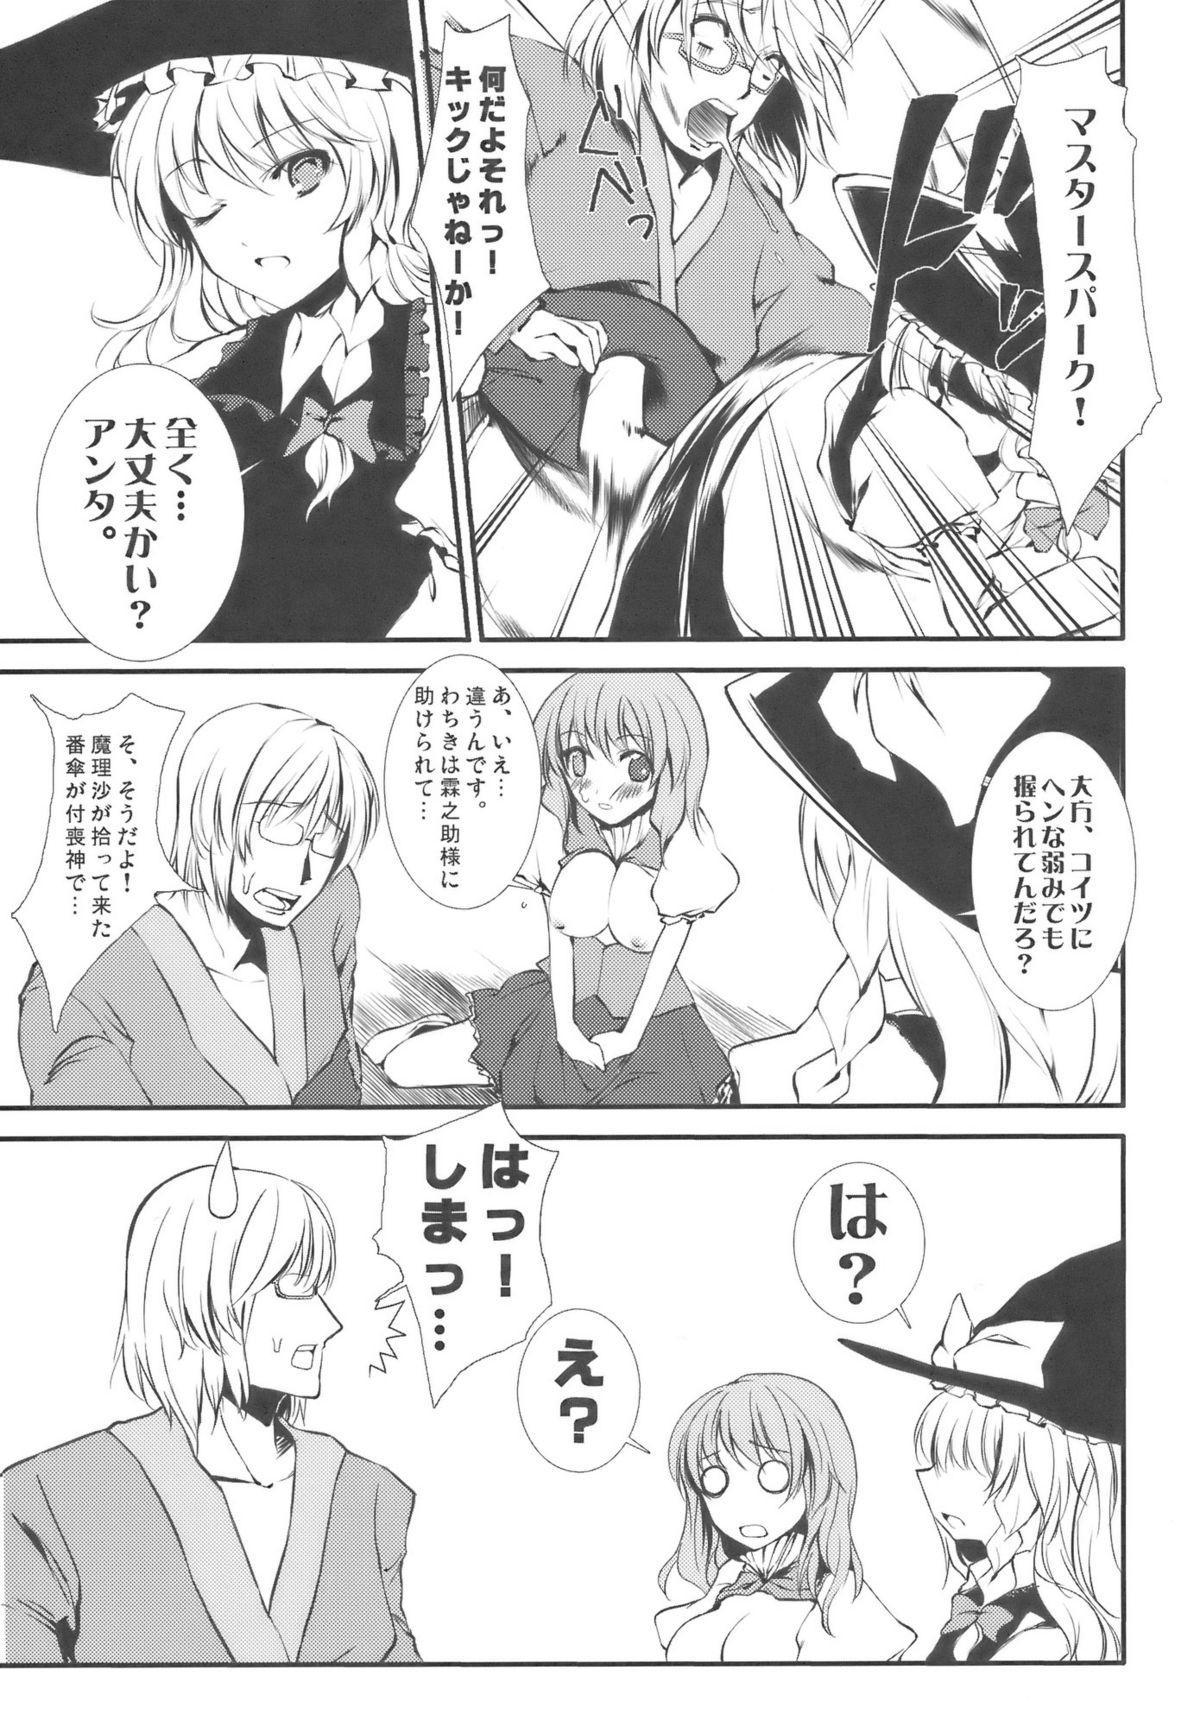 Kasa no Ongaeshi 20